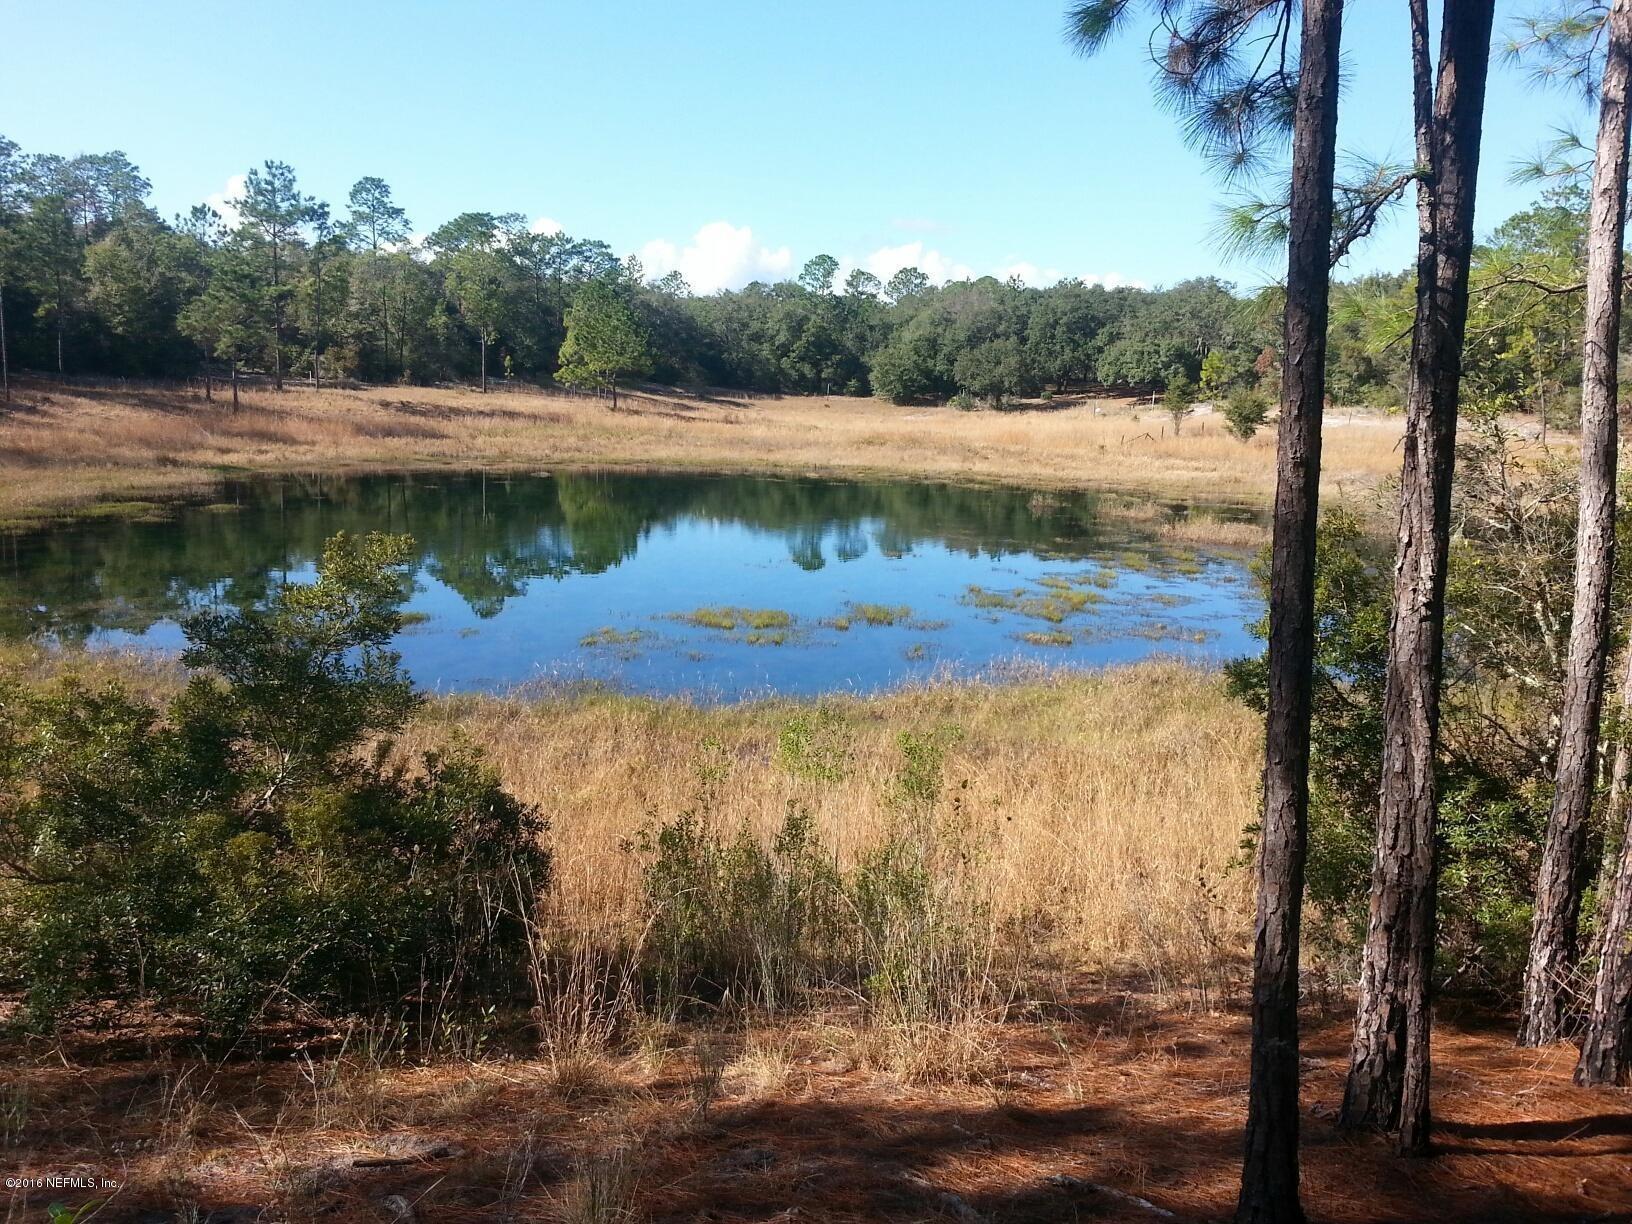 4534 ALAN LAKE, KEYSTONE HEIGHTS, FLORIDA 32656, ,Vacant land,For sale,ALAN LAKE,613455